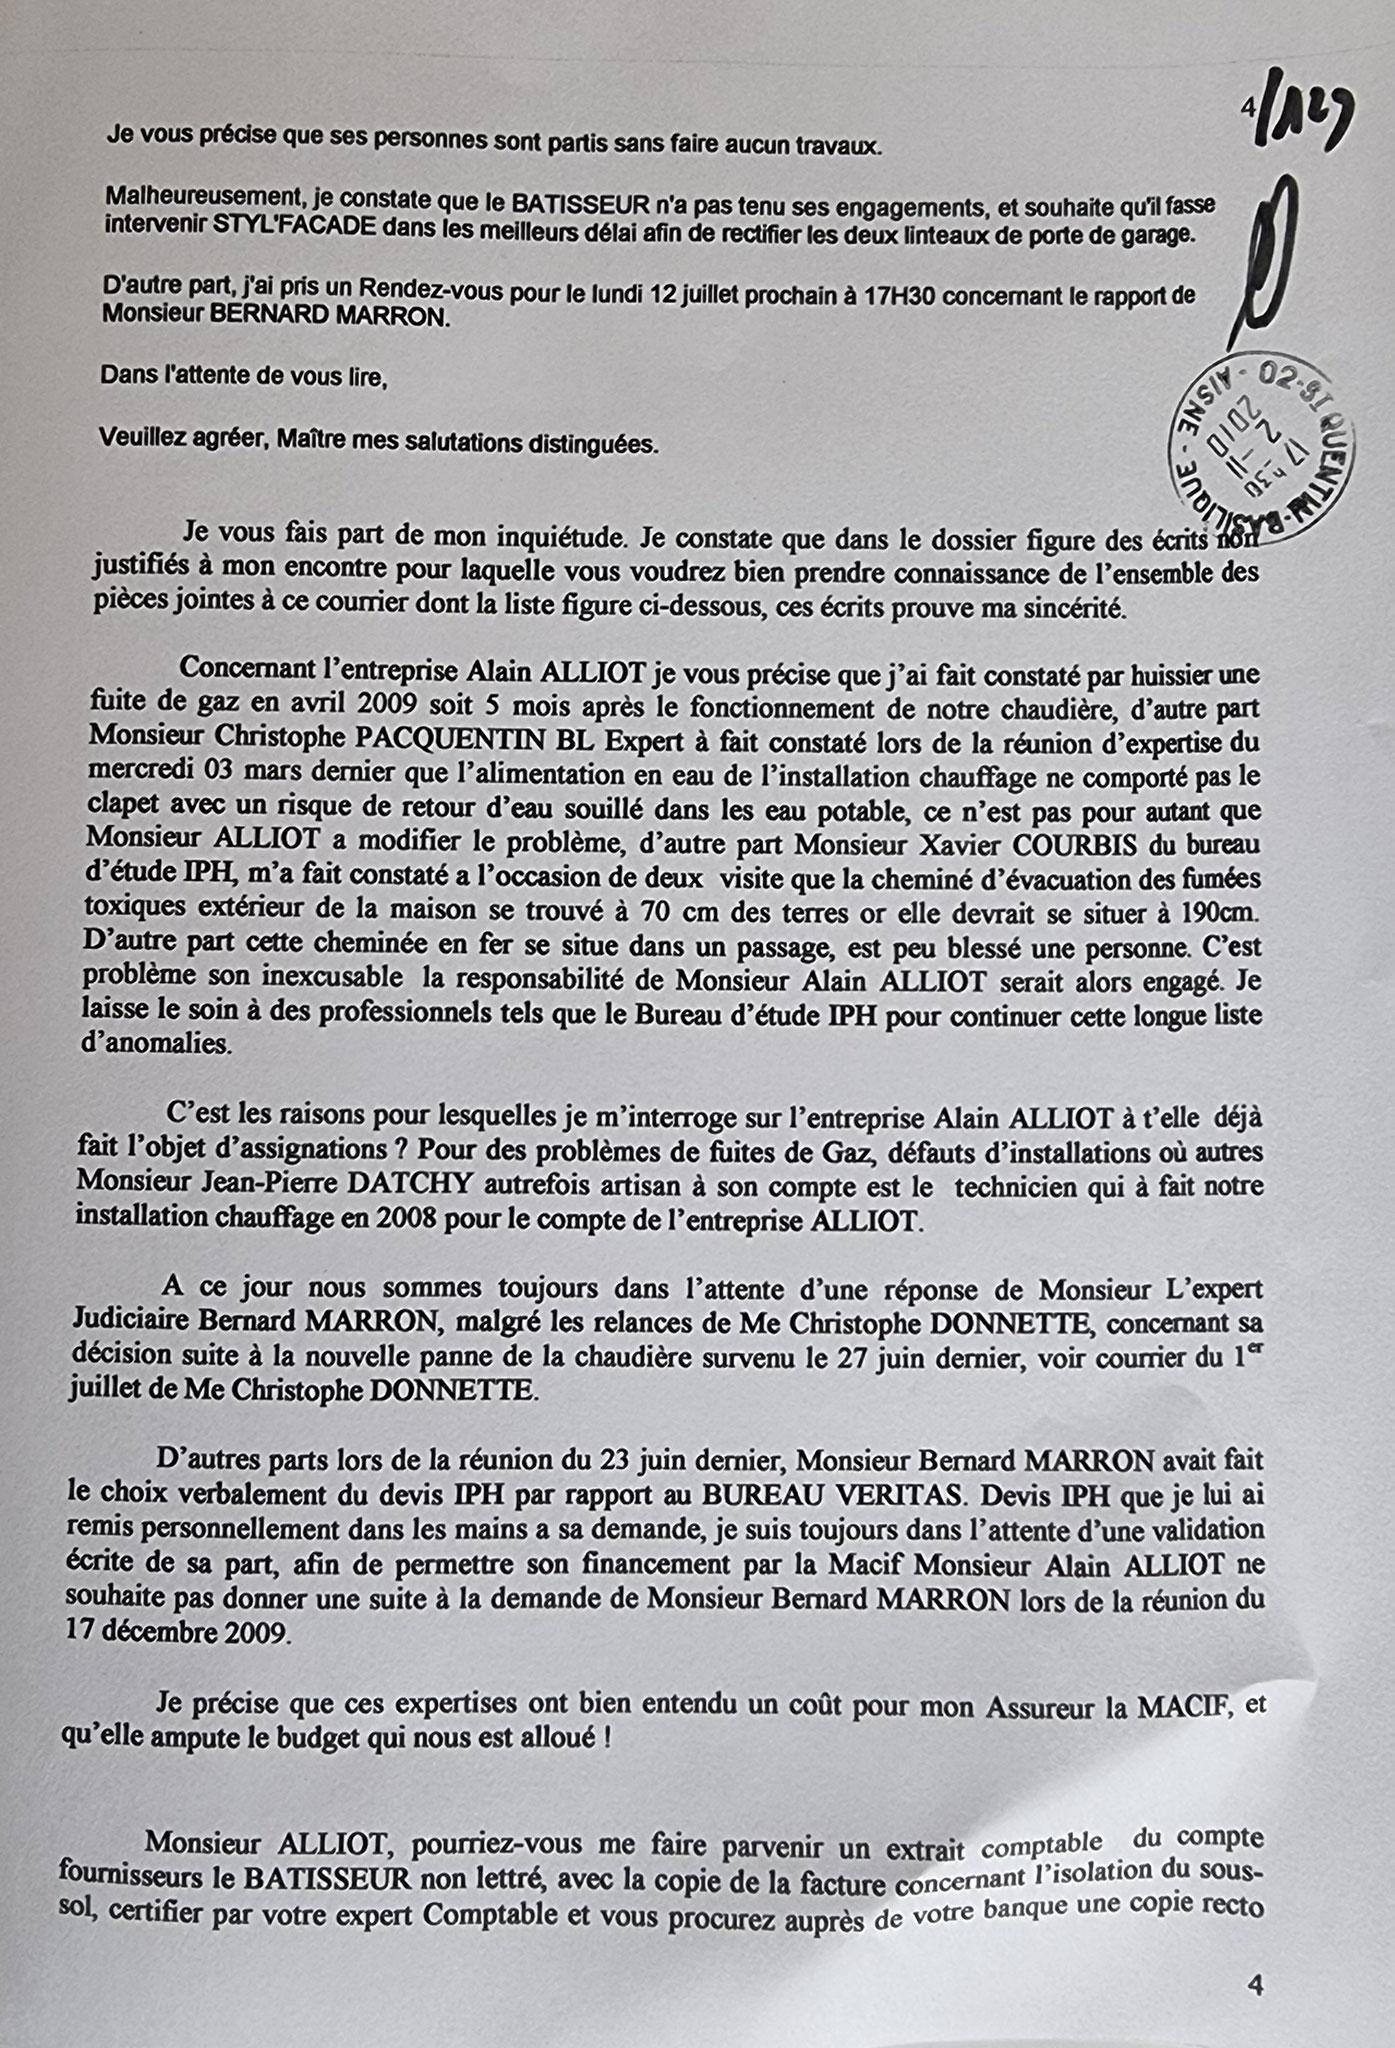 Le 02 novembre 2010 j'adresse une LRAR au Président du Tribunal de Grande Instance de Saint-Quentin soit cent vingt neuf pages    INACCEPTABLE  BORDERLINE   EXPERTISES JUDICIAIRES ENTRE COPAINS...  www.jenesuispasunchien.fr www.jesuispatrick.fr